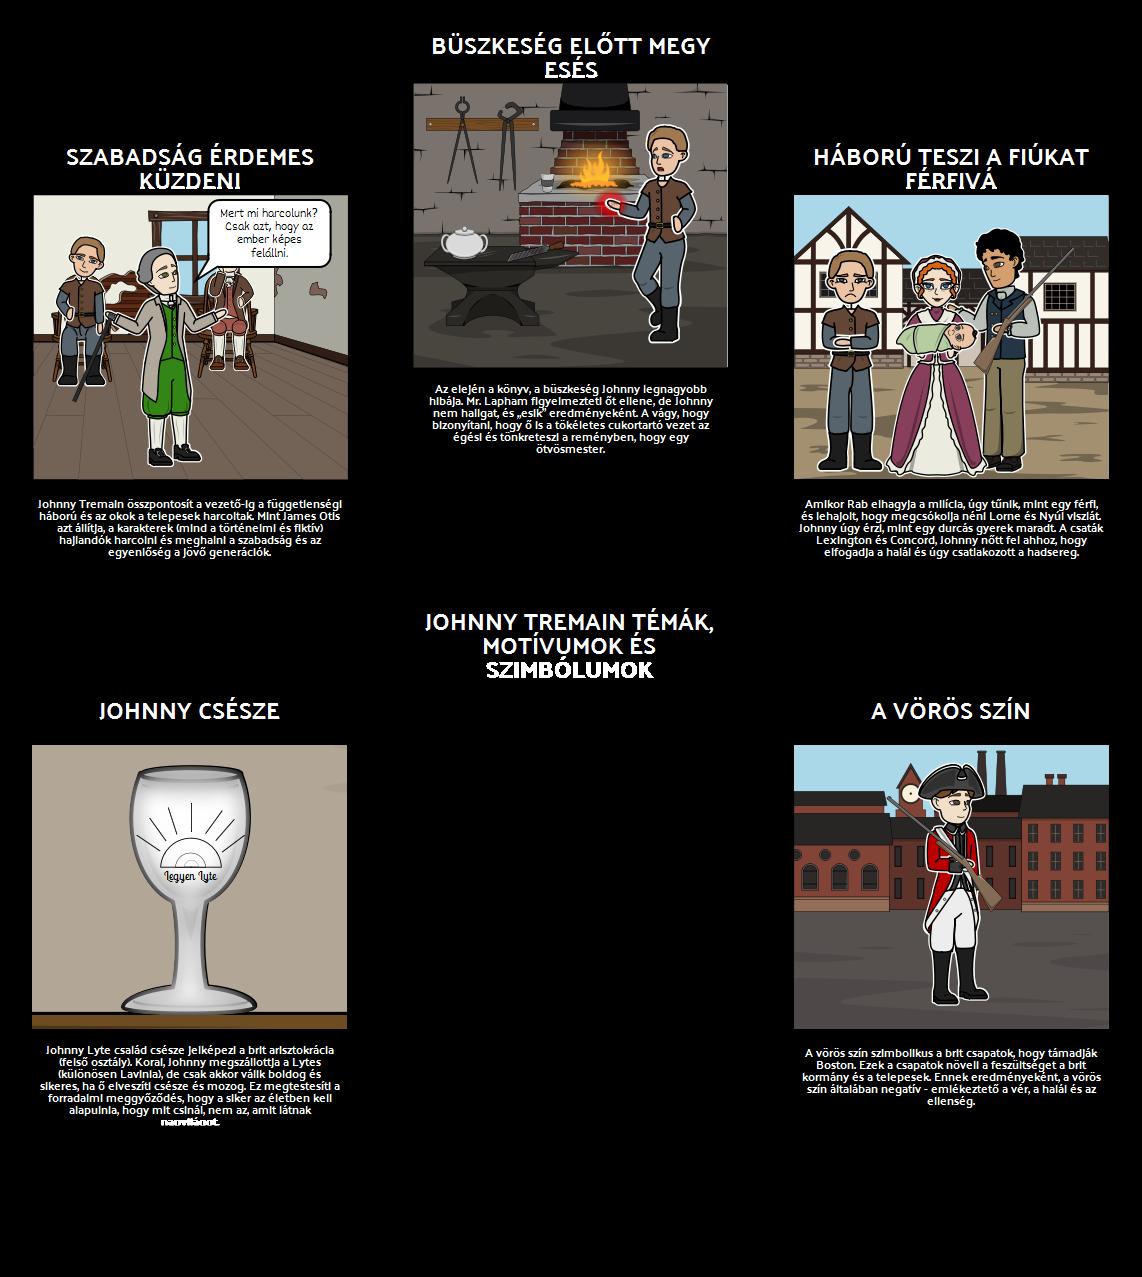 Johnny Tremain Témák, Motívumok és Szimbólumok